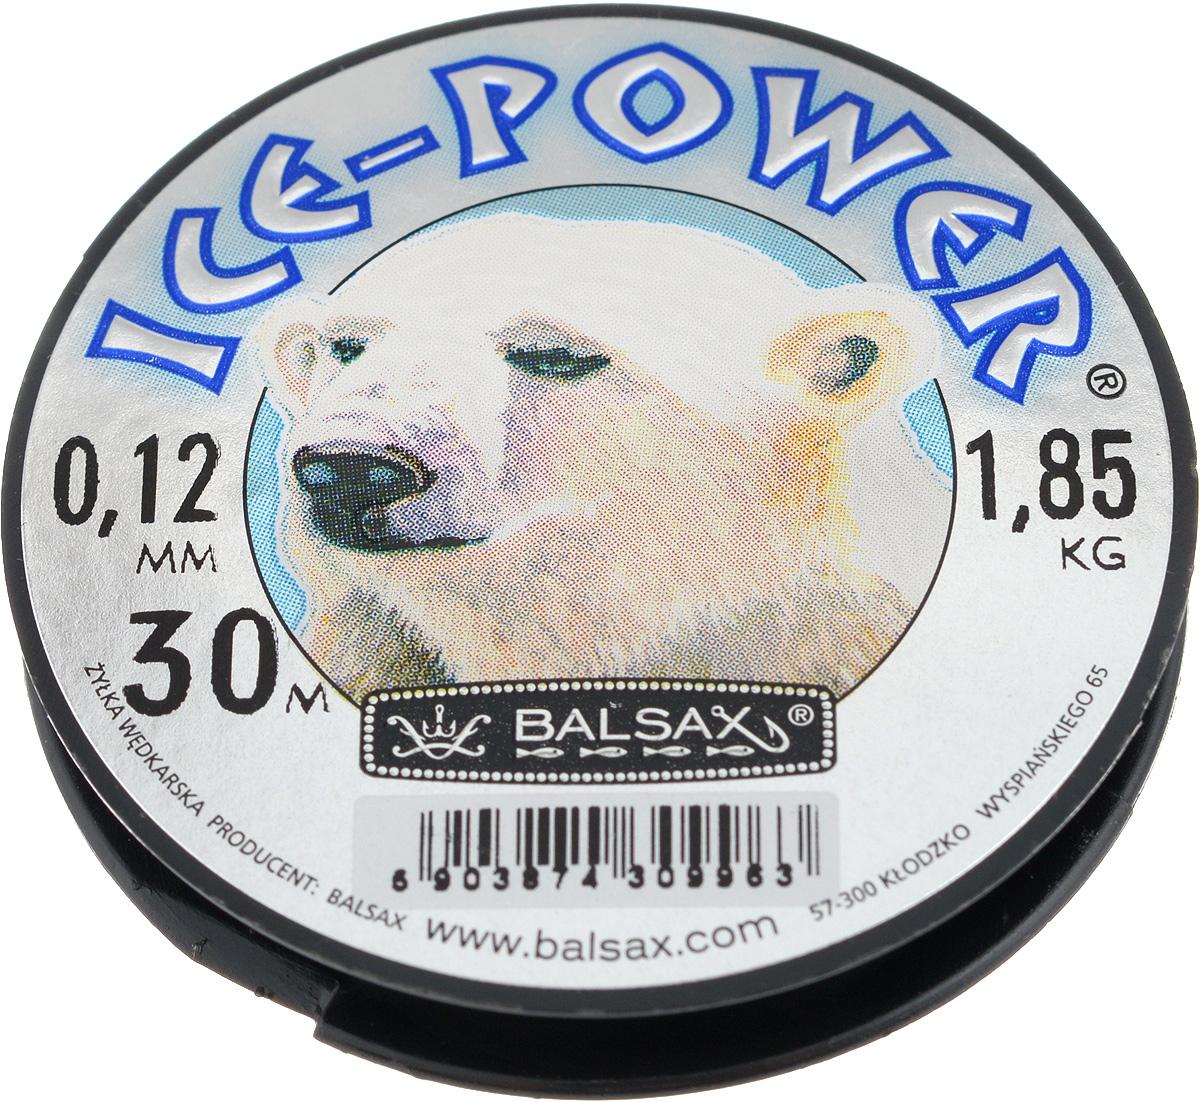 Леска зимняя Balsax Ice Power, 30 м, 0,12 мм, 1,85 кг309-09014Леска Balsax Ice Power изготовлена из 100% нейлона и очень хорошо выдерживает низкие температуры. Даже в самом холодном климате, при температуре вплоть до -40°C, она сохраняет свои свойства практически без изменений, в то время как традиционные лески становятся менее эластичными и теряют прочность.Поверхность лески обработана таким образом, что она не обмерзает и отлично подходит для подледного лова. Прочна в местах вязки узлов даже при минимальном диаметре.